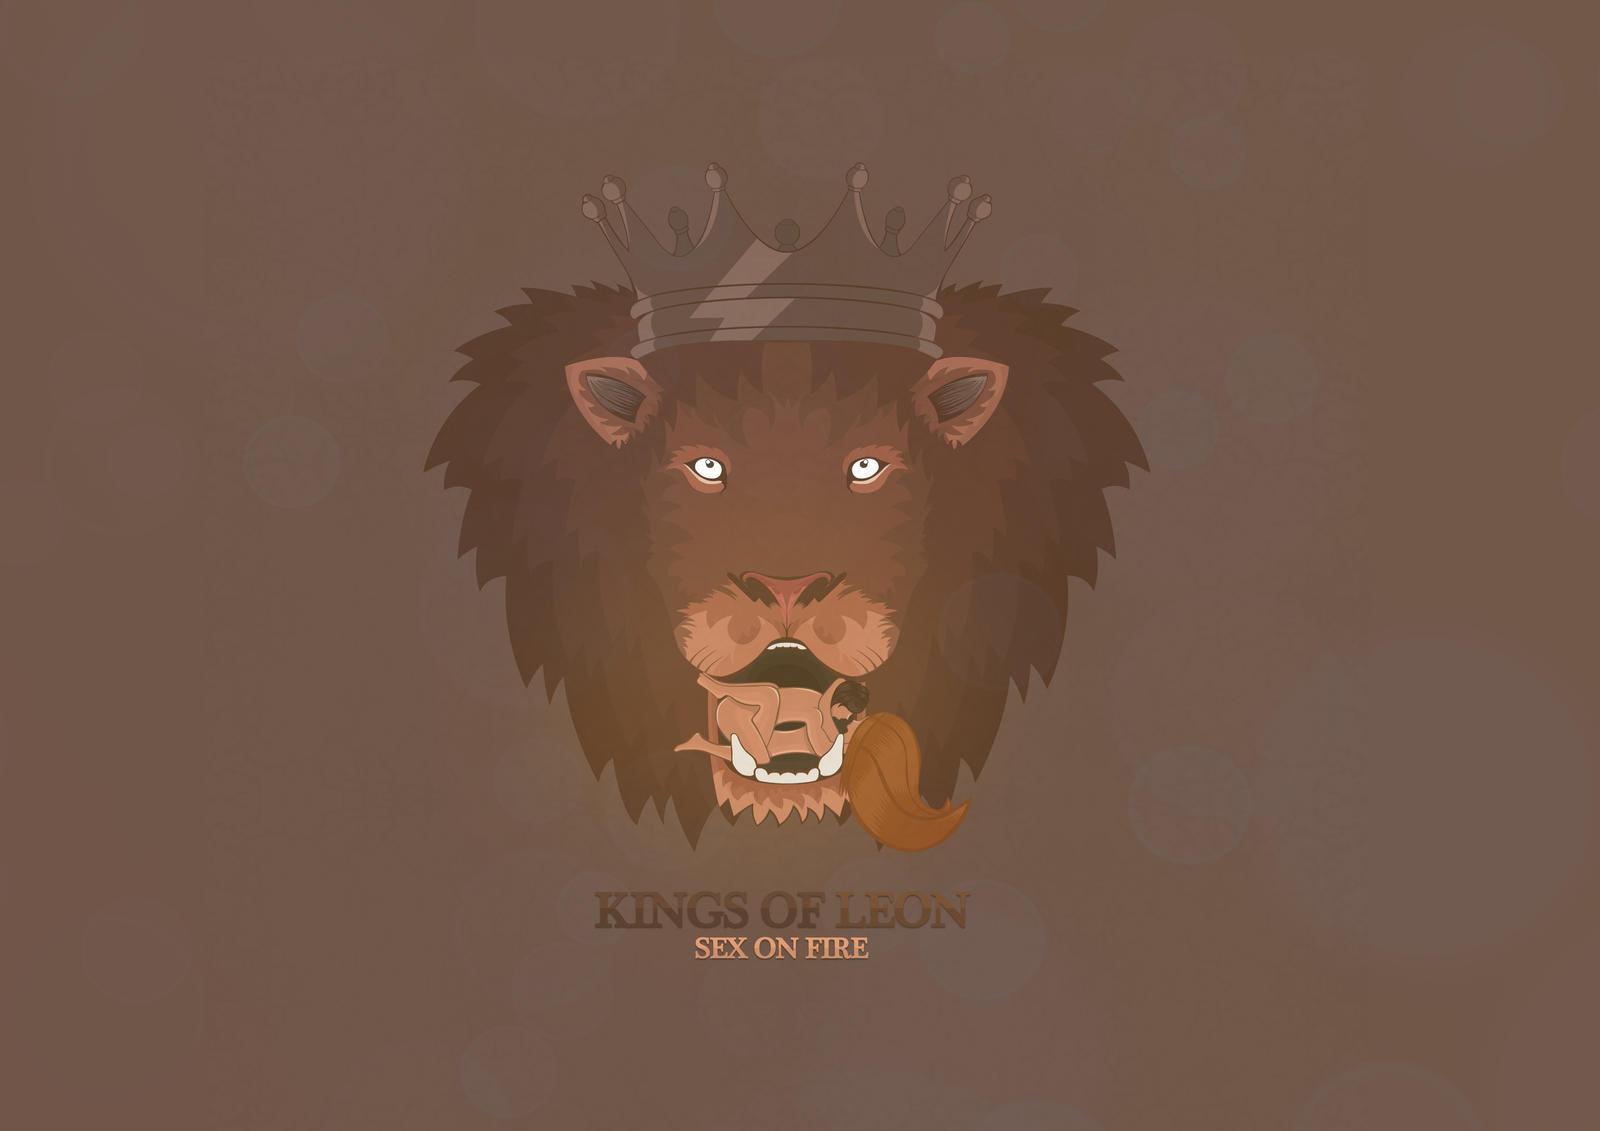 leon fire Kings sex